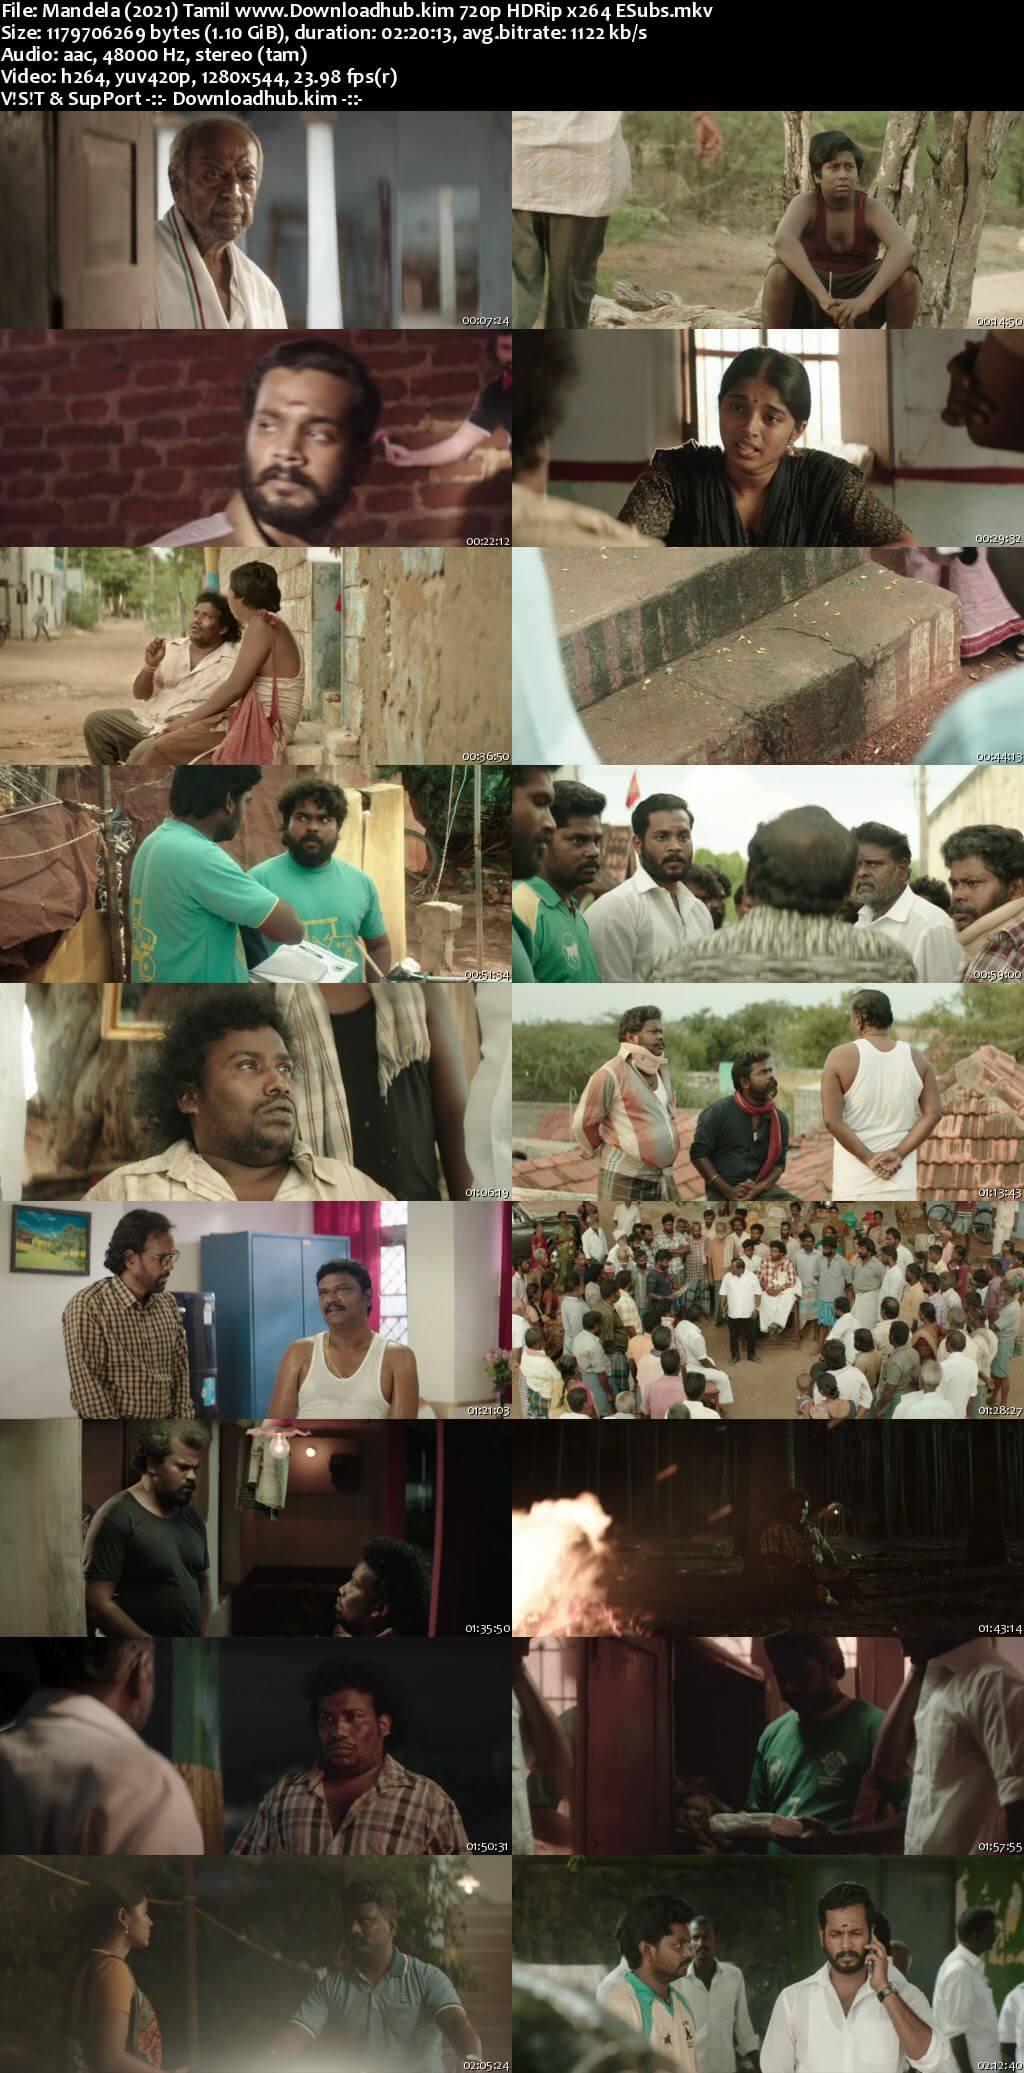 Mandela 2021 Tamil 720p HDRip ESubs